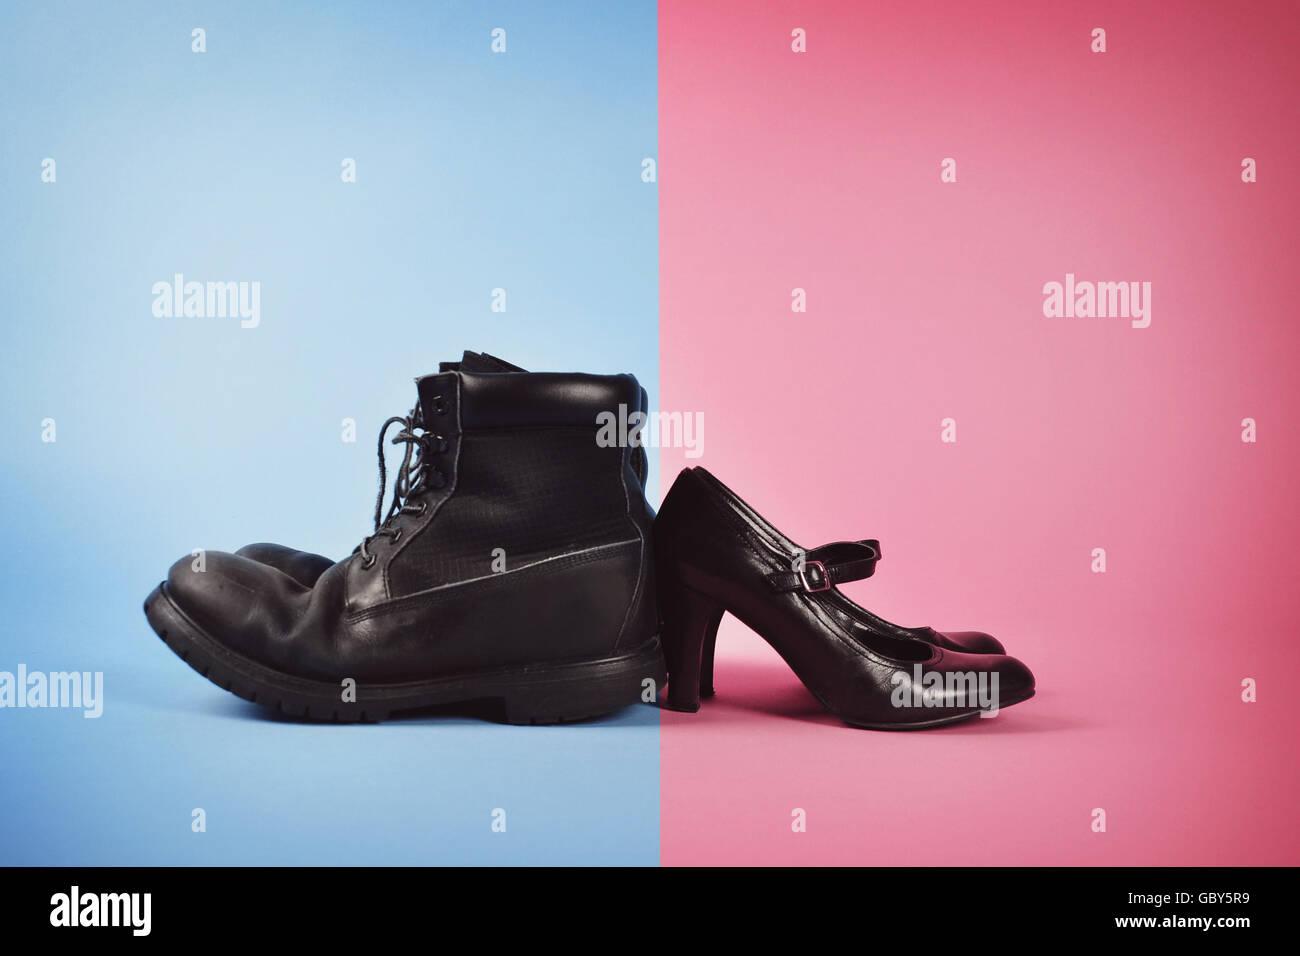 Un hombre de botas y tacones altos son de mujer contra un fondo azul y rosa aislado para una lucha de poder entre Imagen De Stock